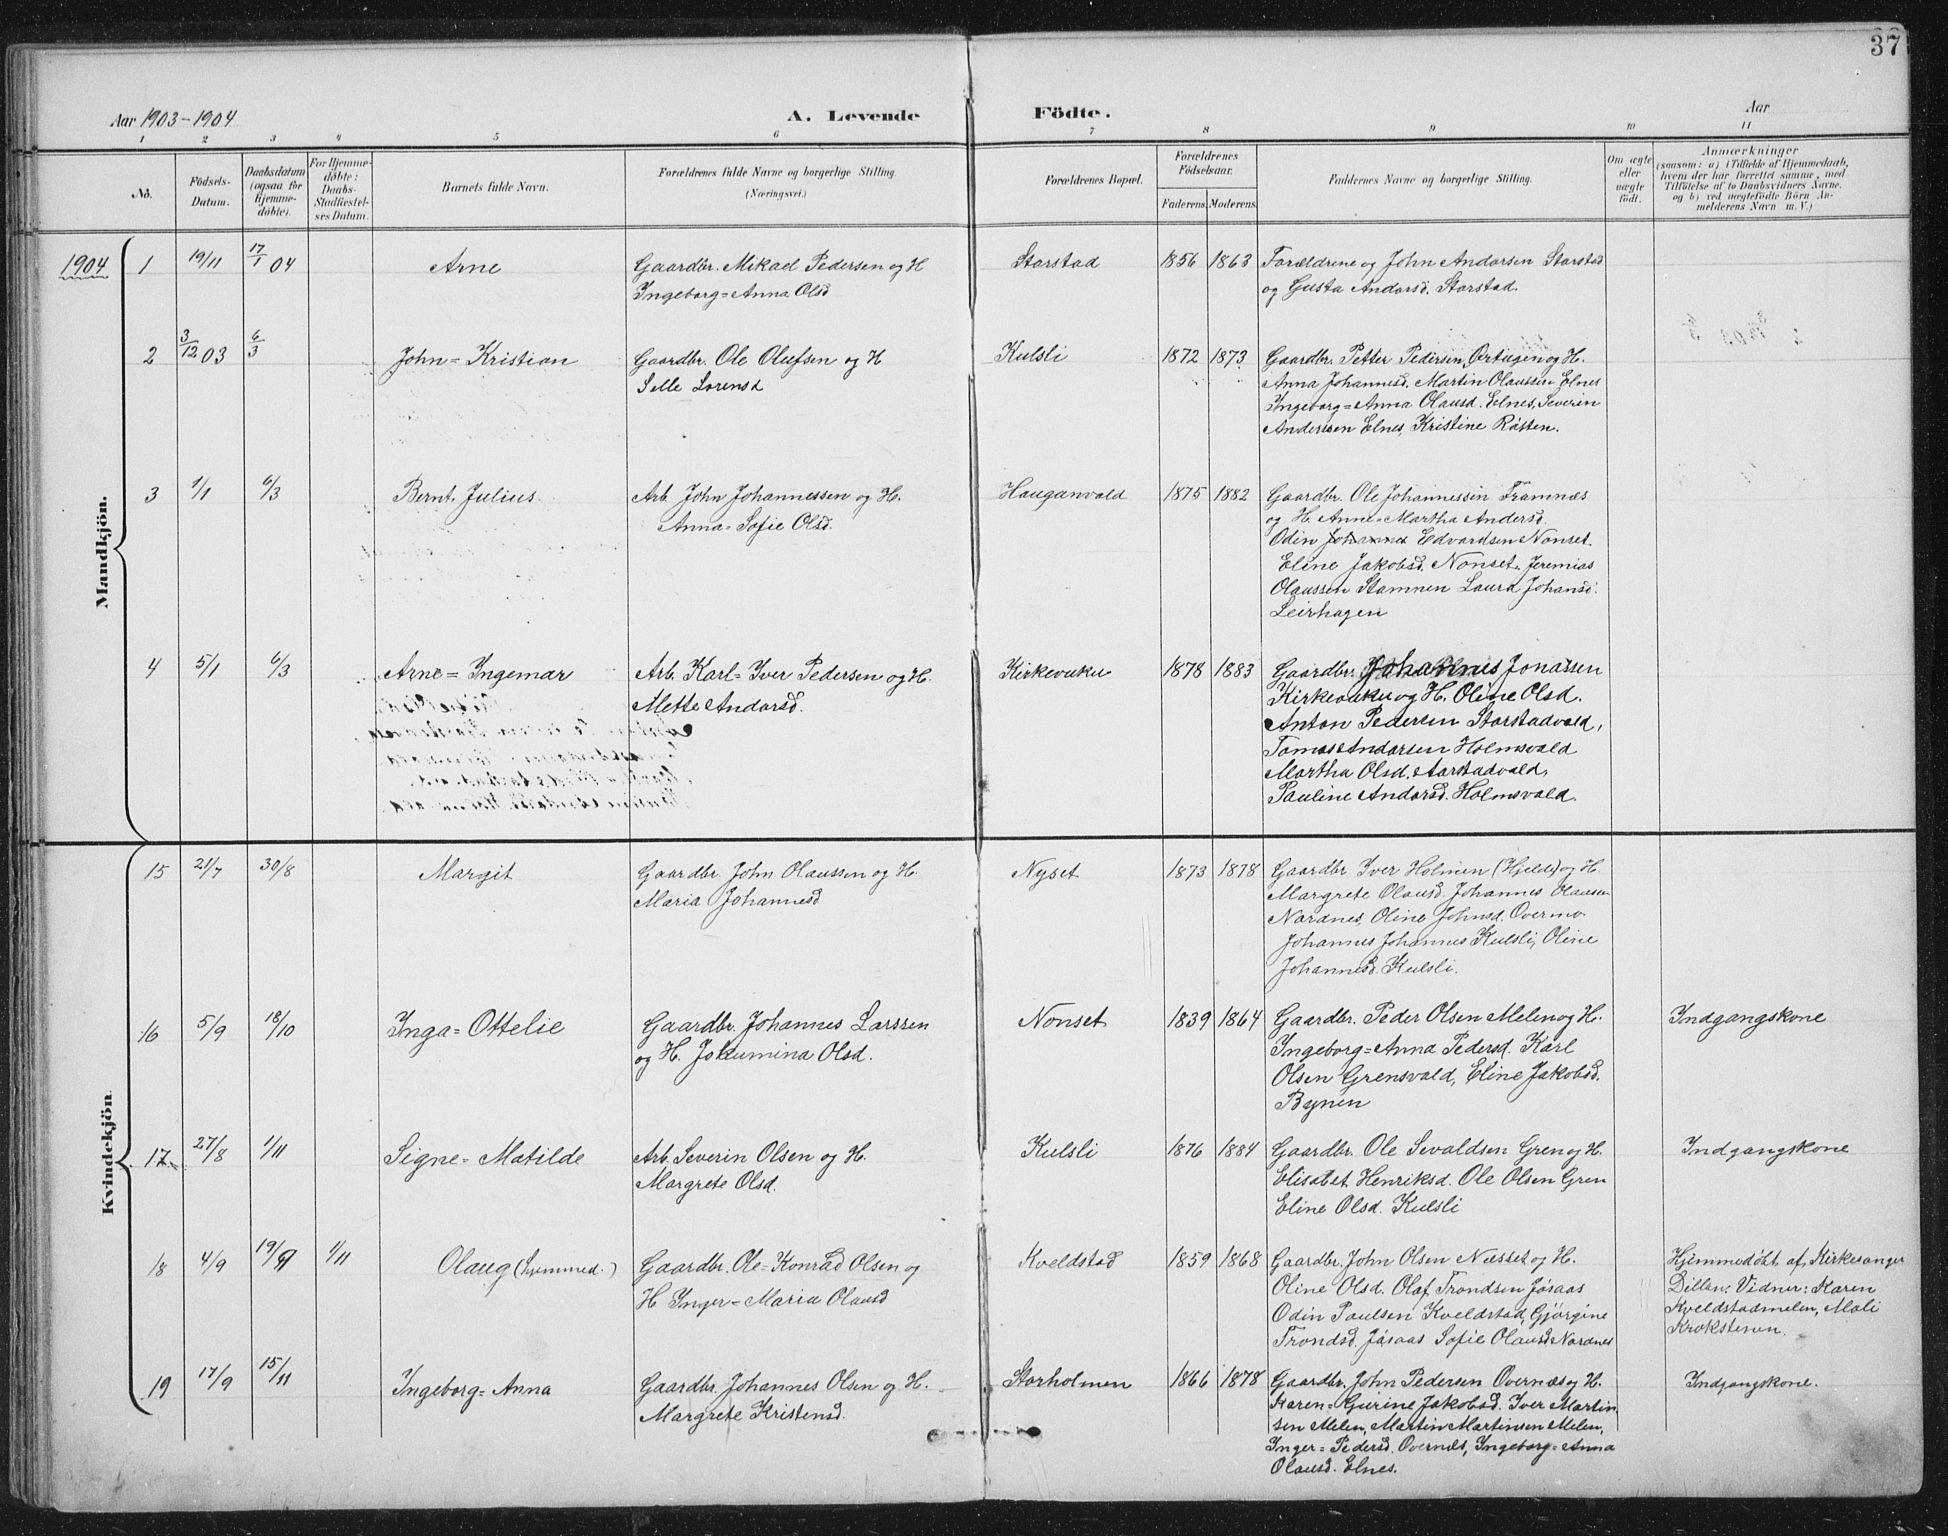 SAT, Ministerialprotokoller, klokkerbøker og fødselsregistre - Nord-Trøndelag, 724/L0269: Klokkerbok nr. 724C05, 1899-1920, s. 37